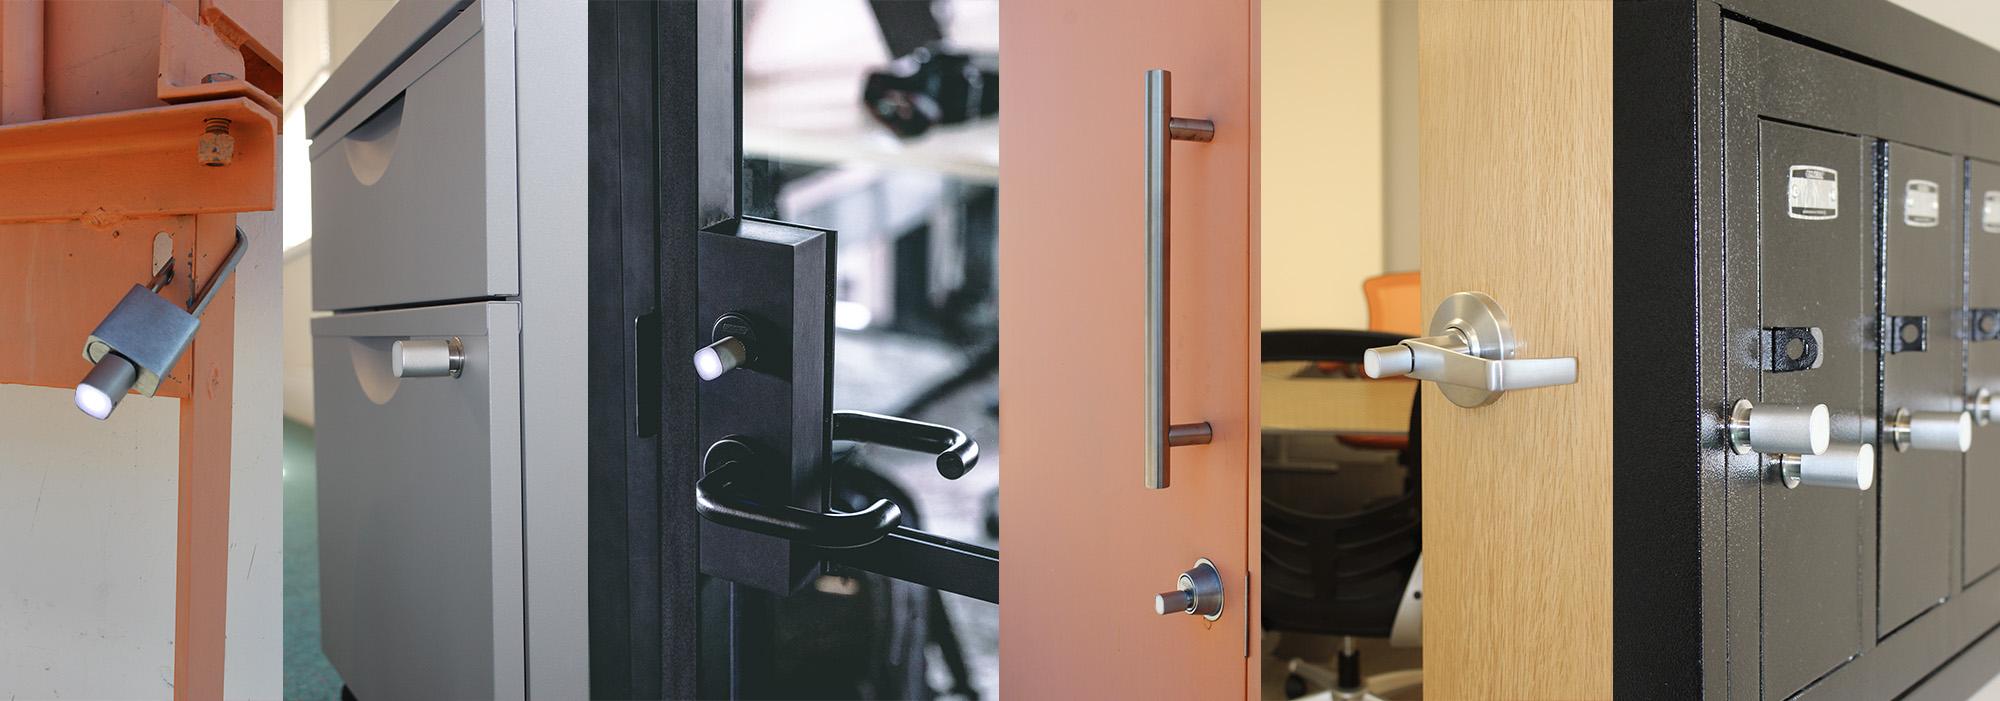 NexkeyCore-anydoor-any-lock.jpg